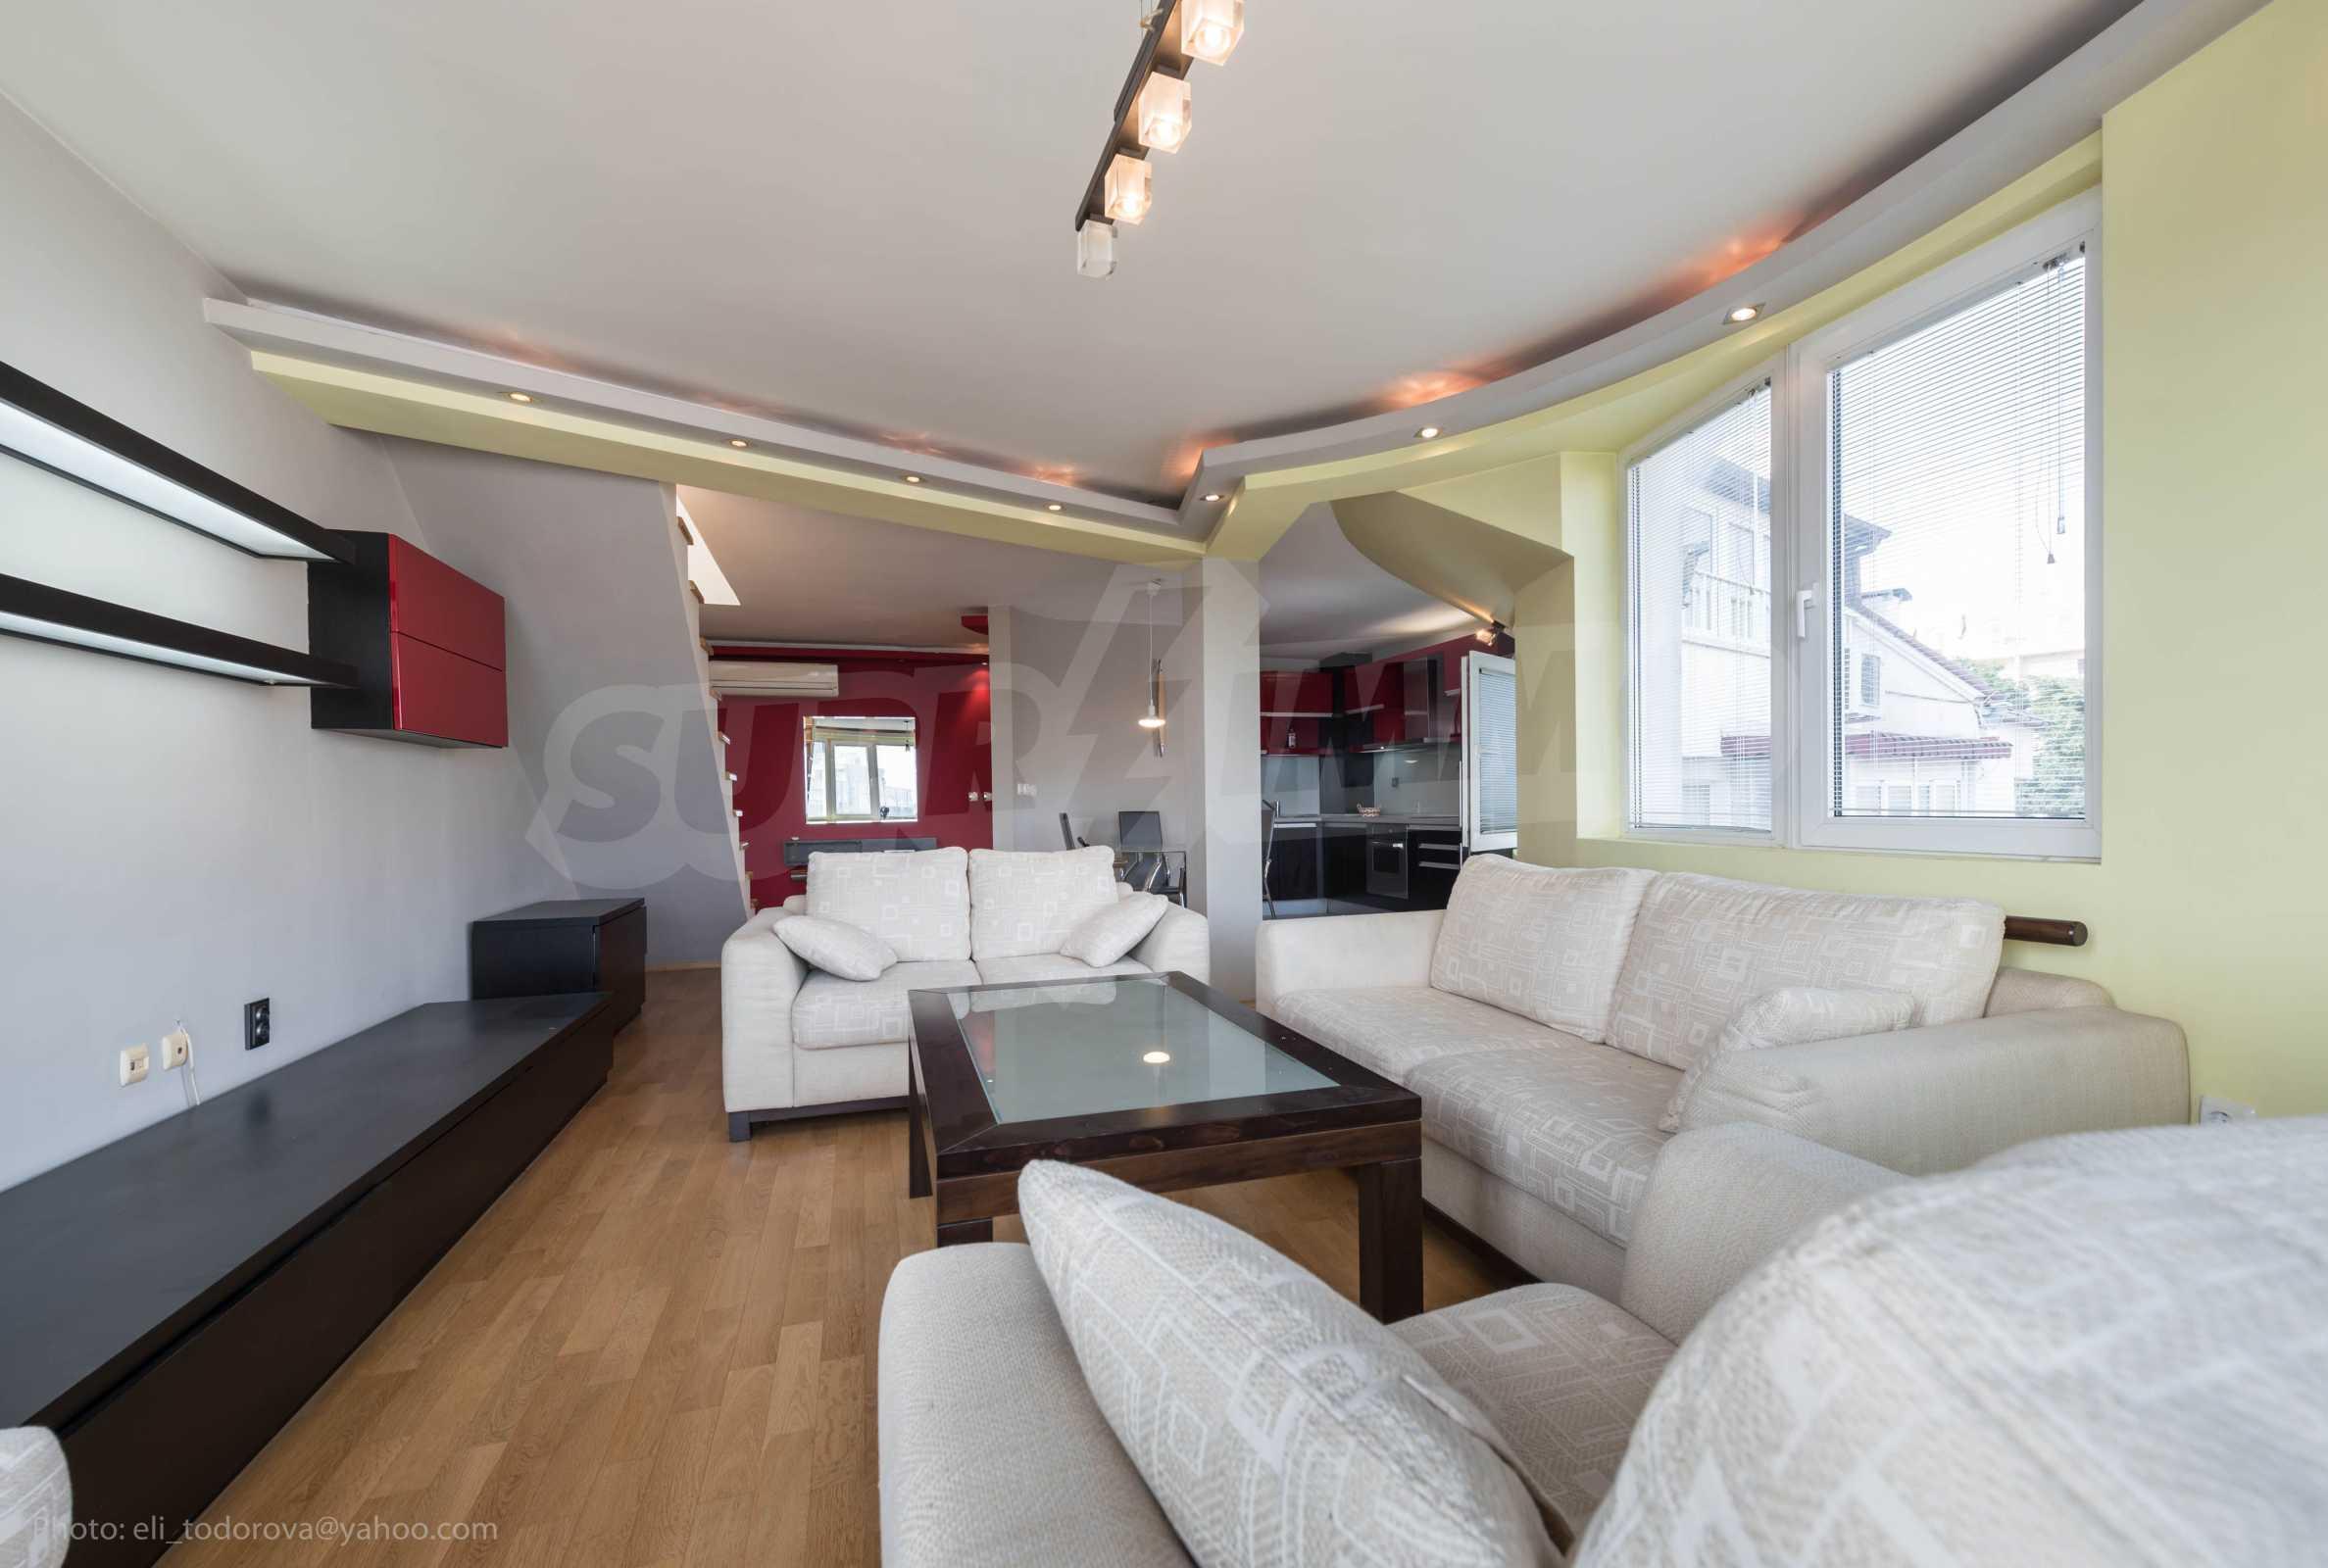 Квартира «Миша» - отличная трехкомнатная недвижимость в идеальном центре.